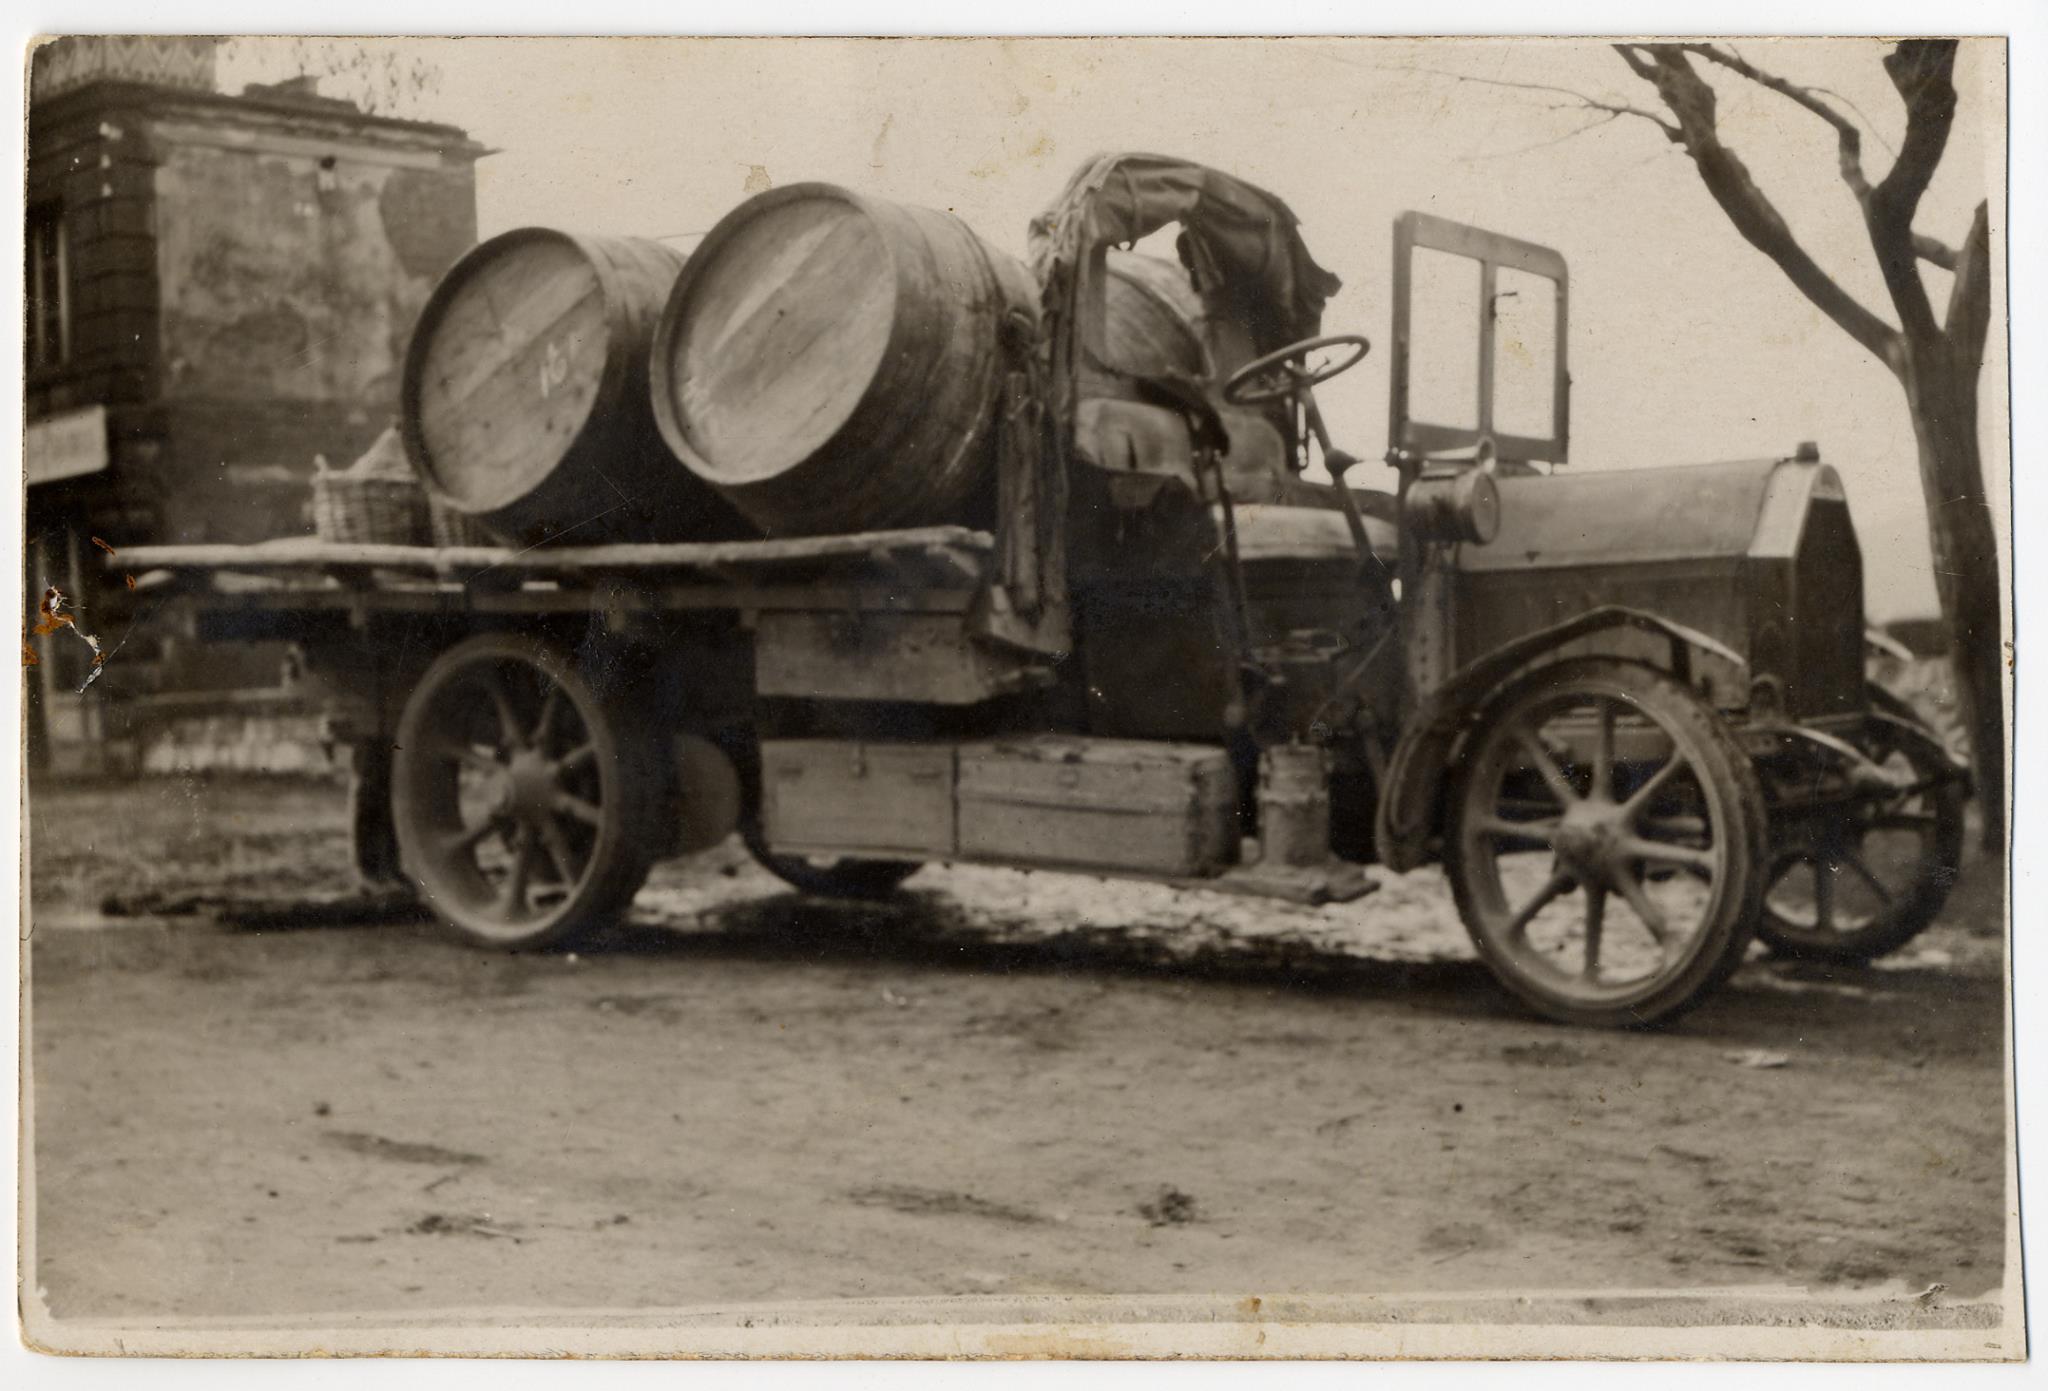 Fiat-18-BL--ik-geloof-jaar-191920.-rijden-mijn-opa-gabriello-bracalli--die-de-eerste-truck-in-1919-kocht-door-het-leger-dat-de-restanten-van-de-oorlog-verkocht-net-klaar